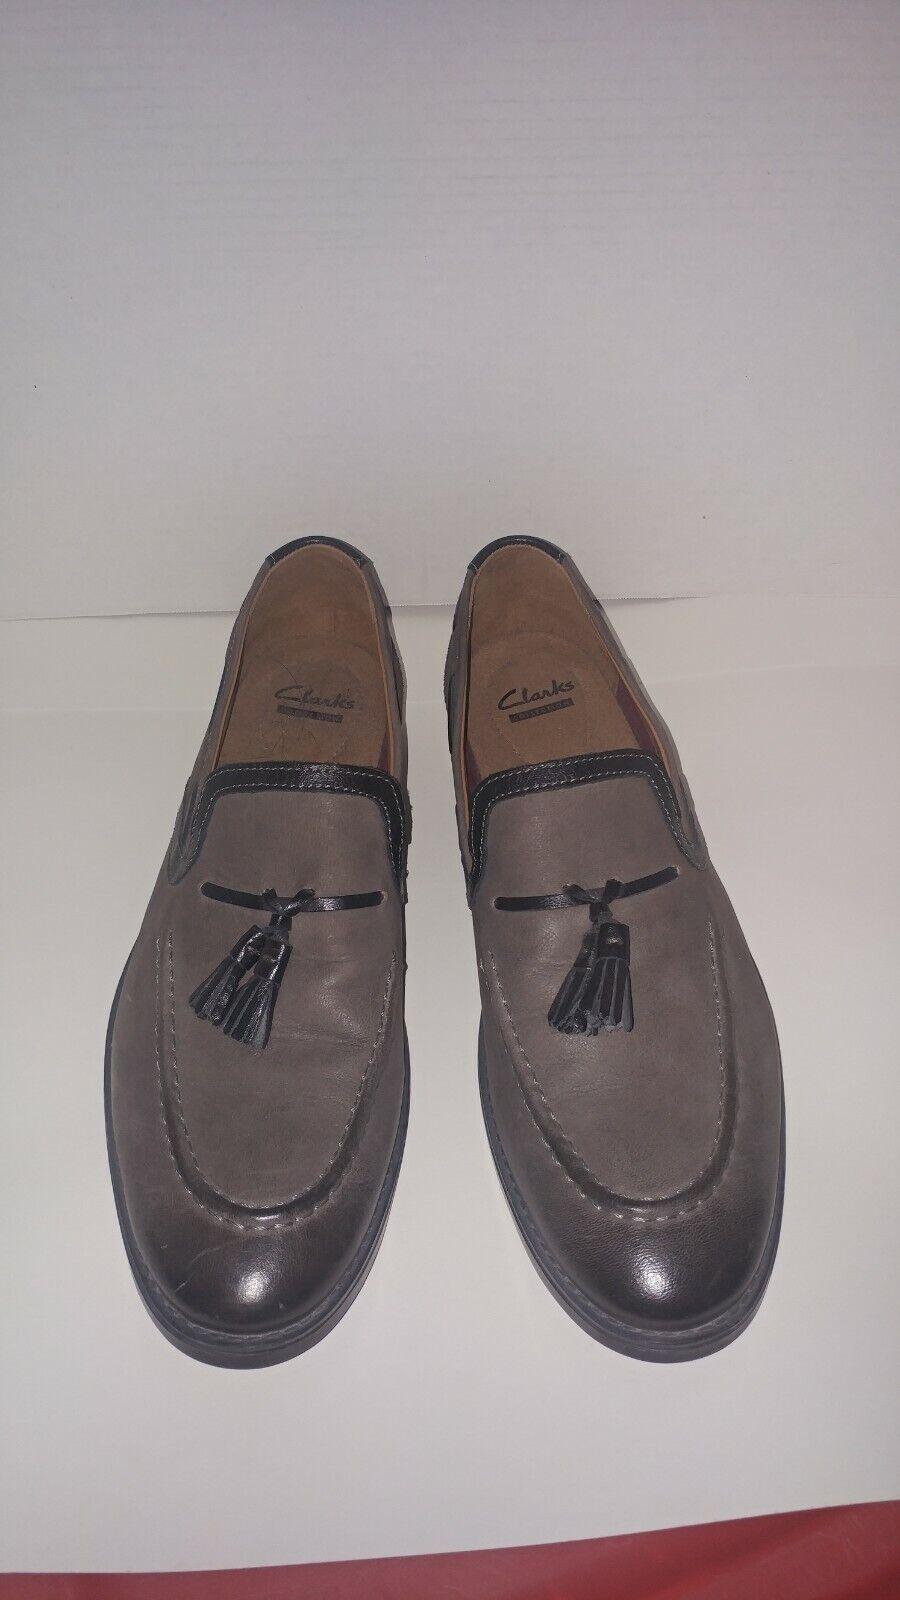 Men's Clarks Garren Style Tassel Loafer Grey Full Grain Leather 26114003 - 11.5